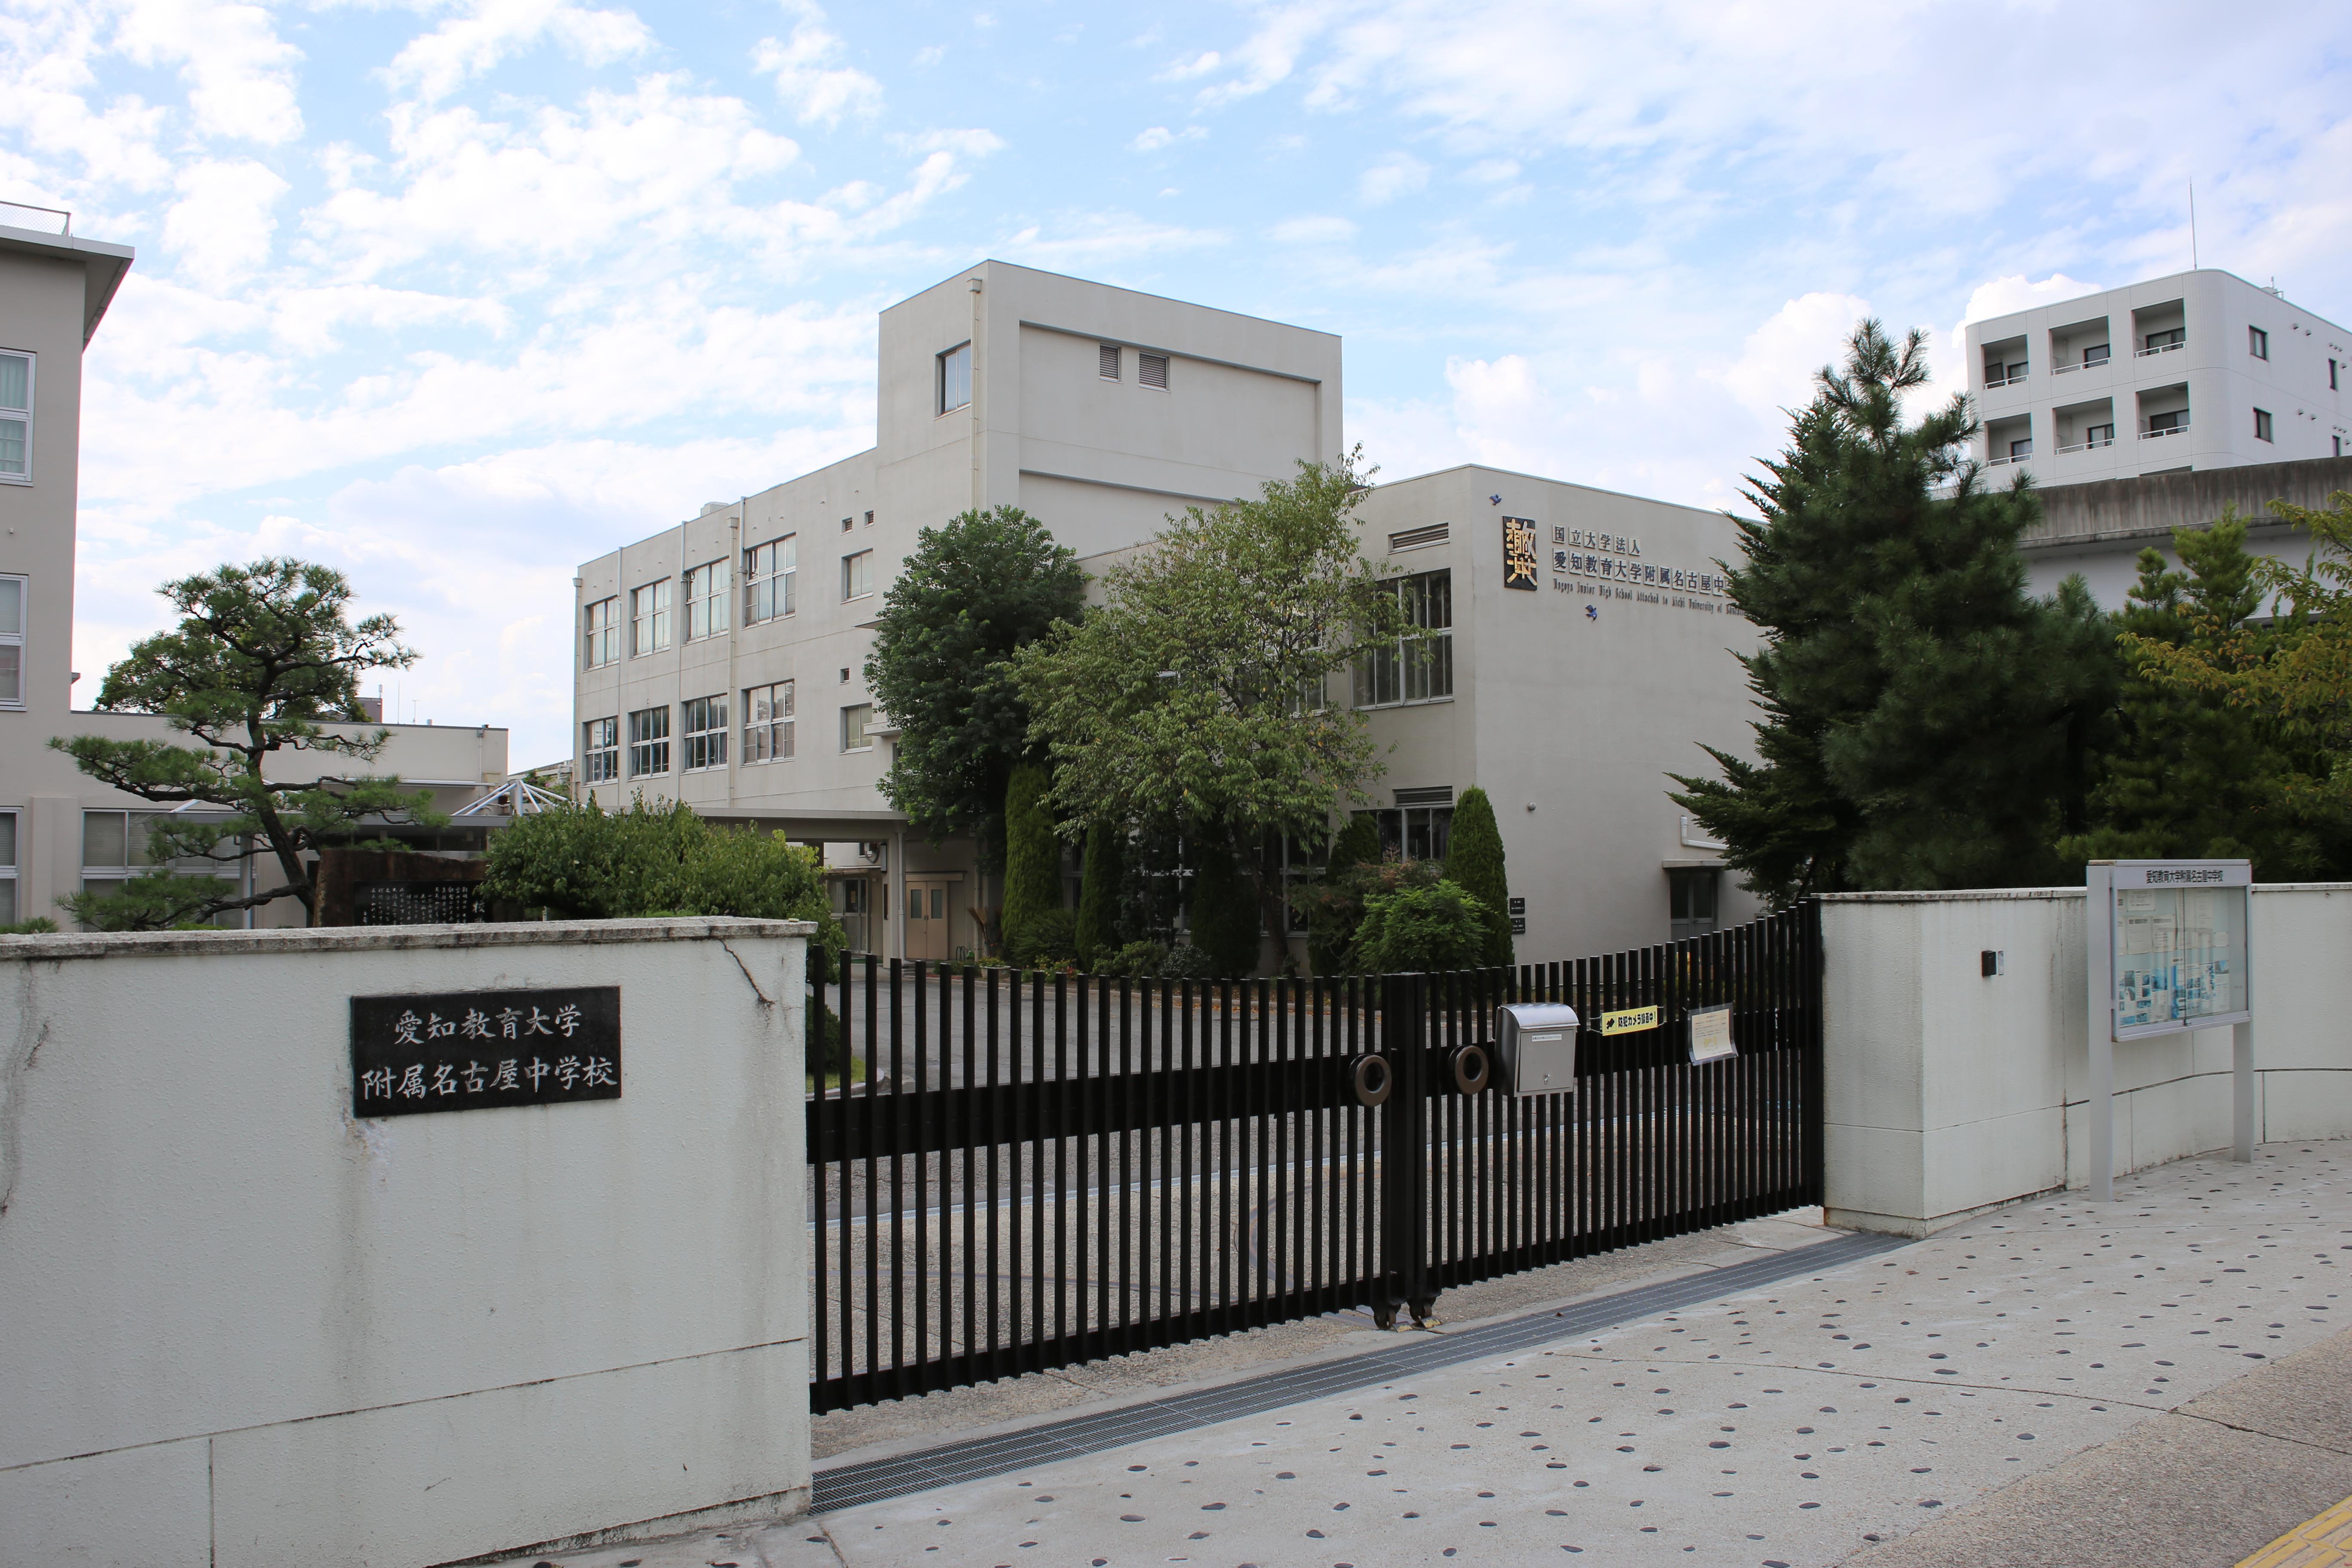 奈良 教育 大学 附属 中学校